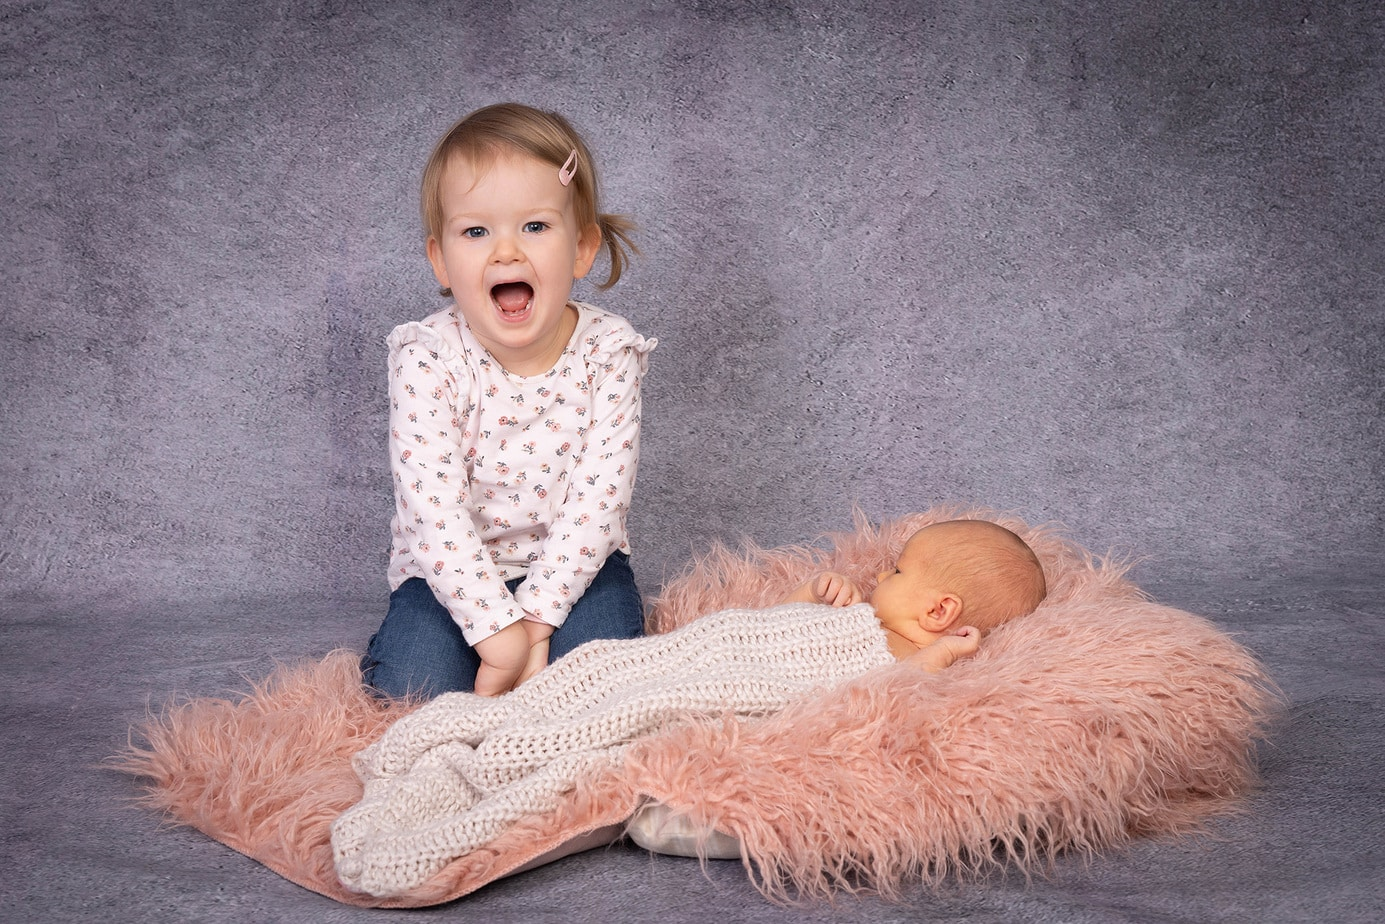 Babyfotos im Studio